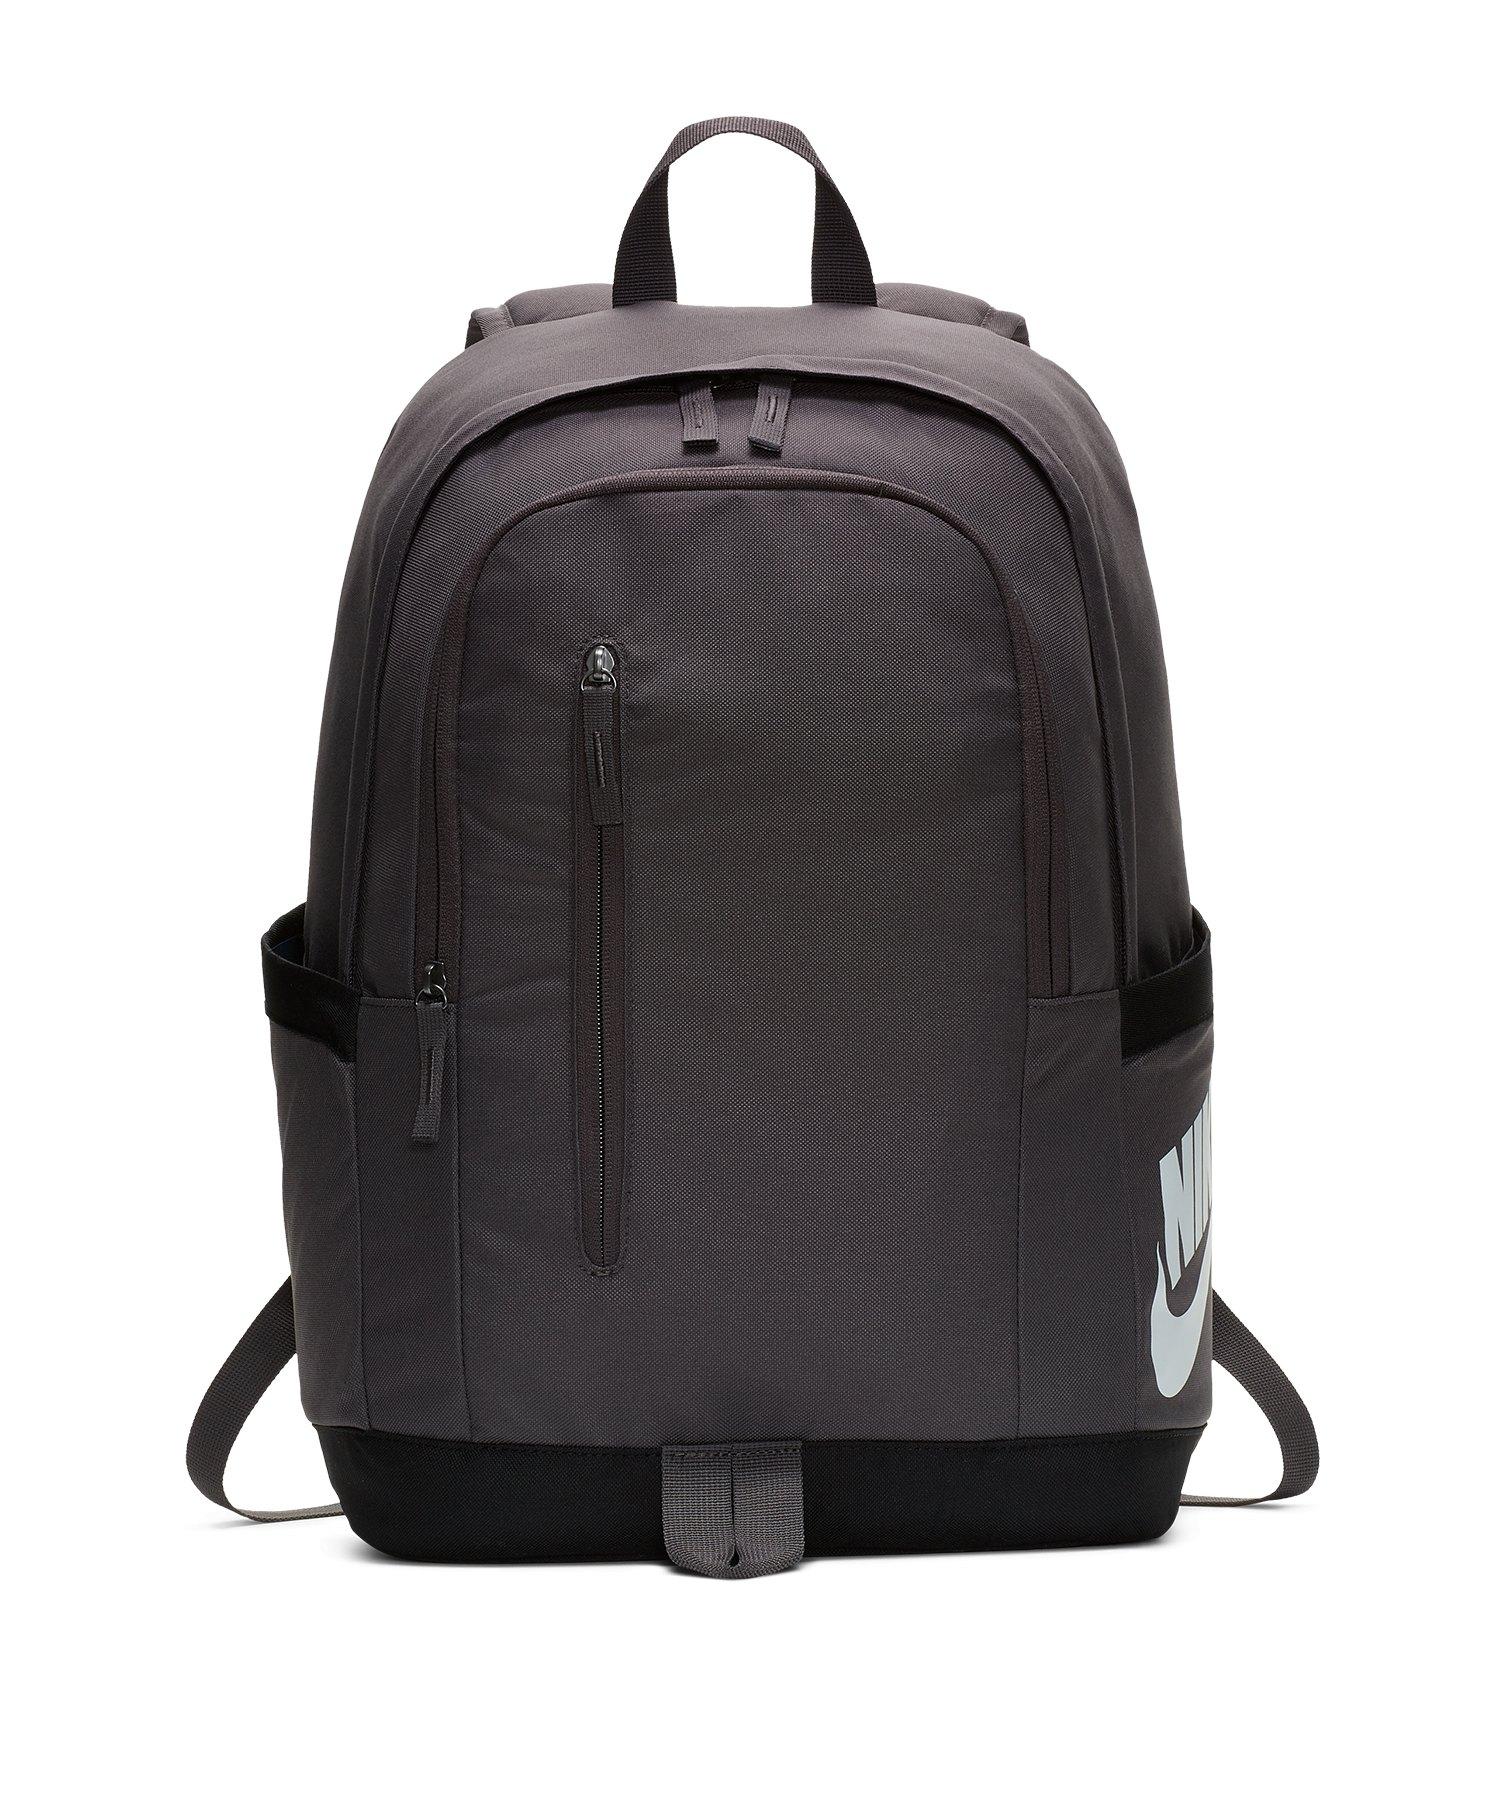 Nike All Access Soleday Backpack Rucksack F082 - grau